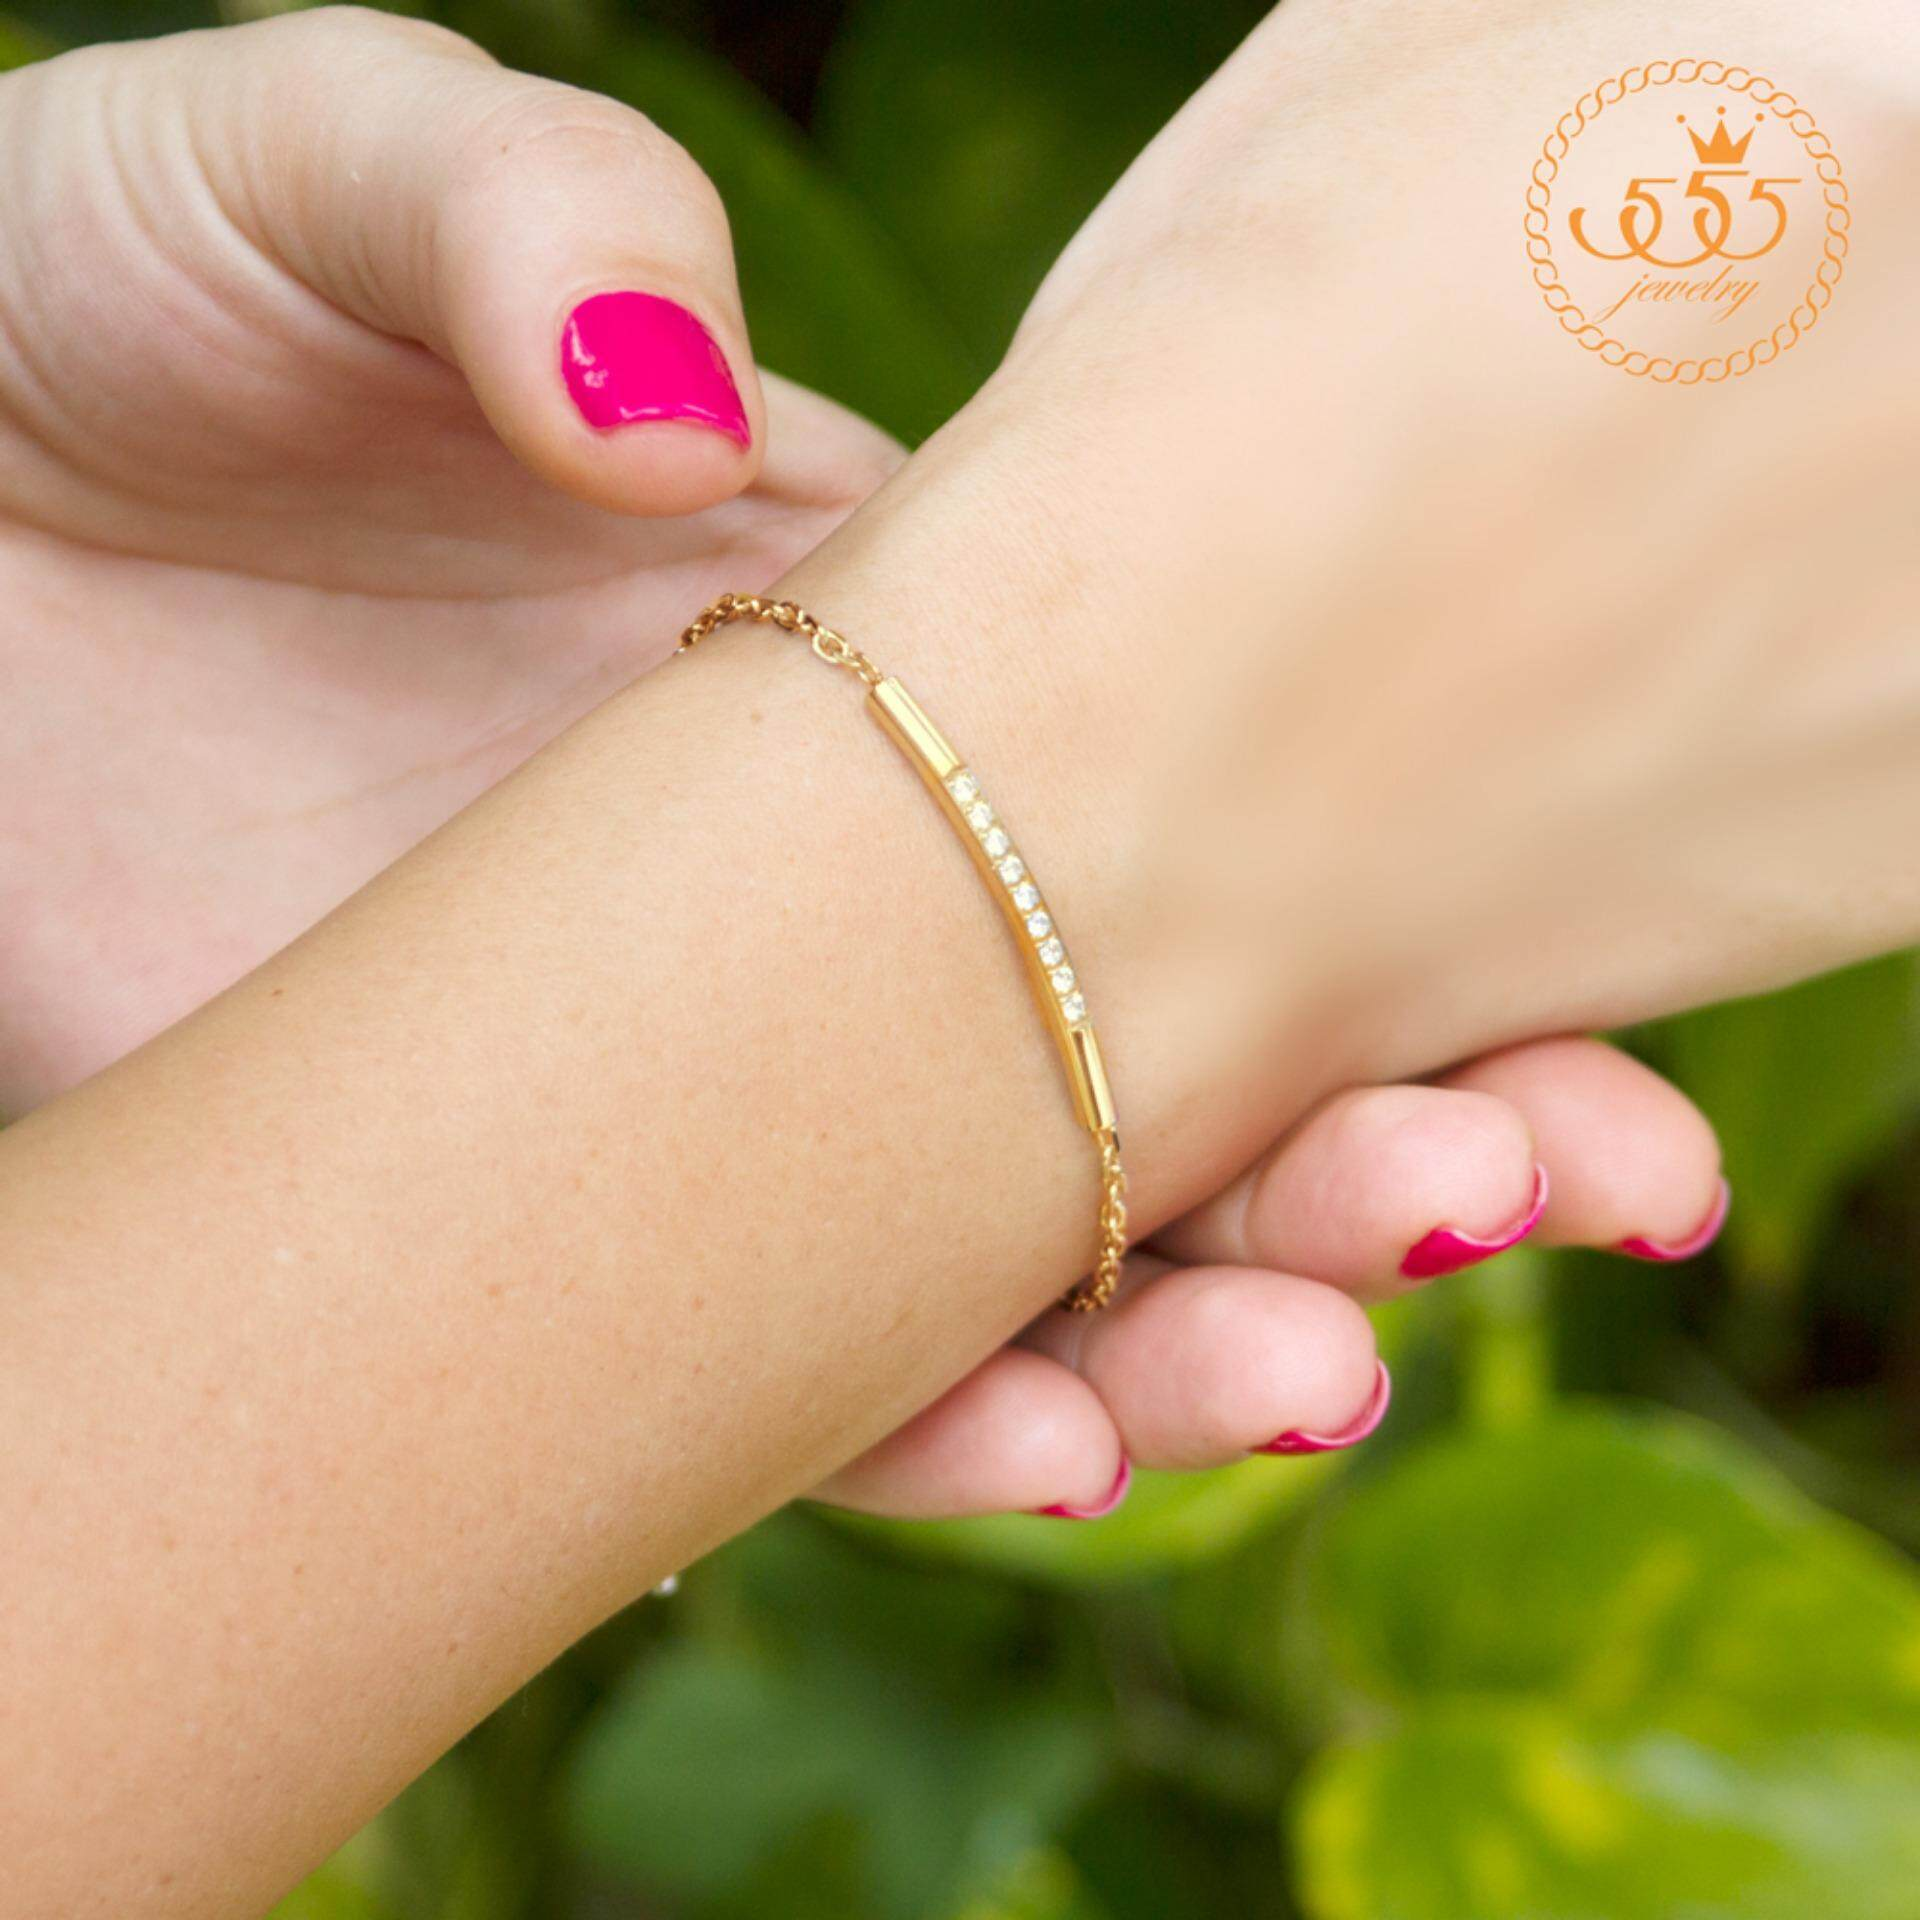 ขาย 555Jewelry สร้อยข้อมือเรียบหรูประดับ Cz รุ่น Mnc Br408 Br1 สร้อยข้อมือ สร้อยข้อมือผู้หญิง สร้อยข้อมือคู่ สร้อยข้อมือทอง กำไลข้อมือหญิง ข้อมือสแตนเลส